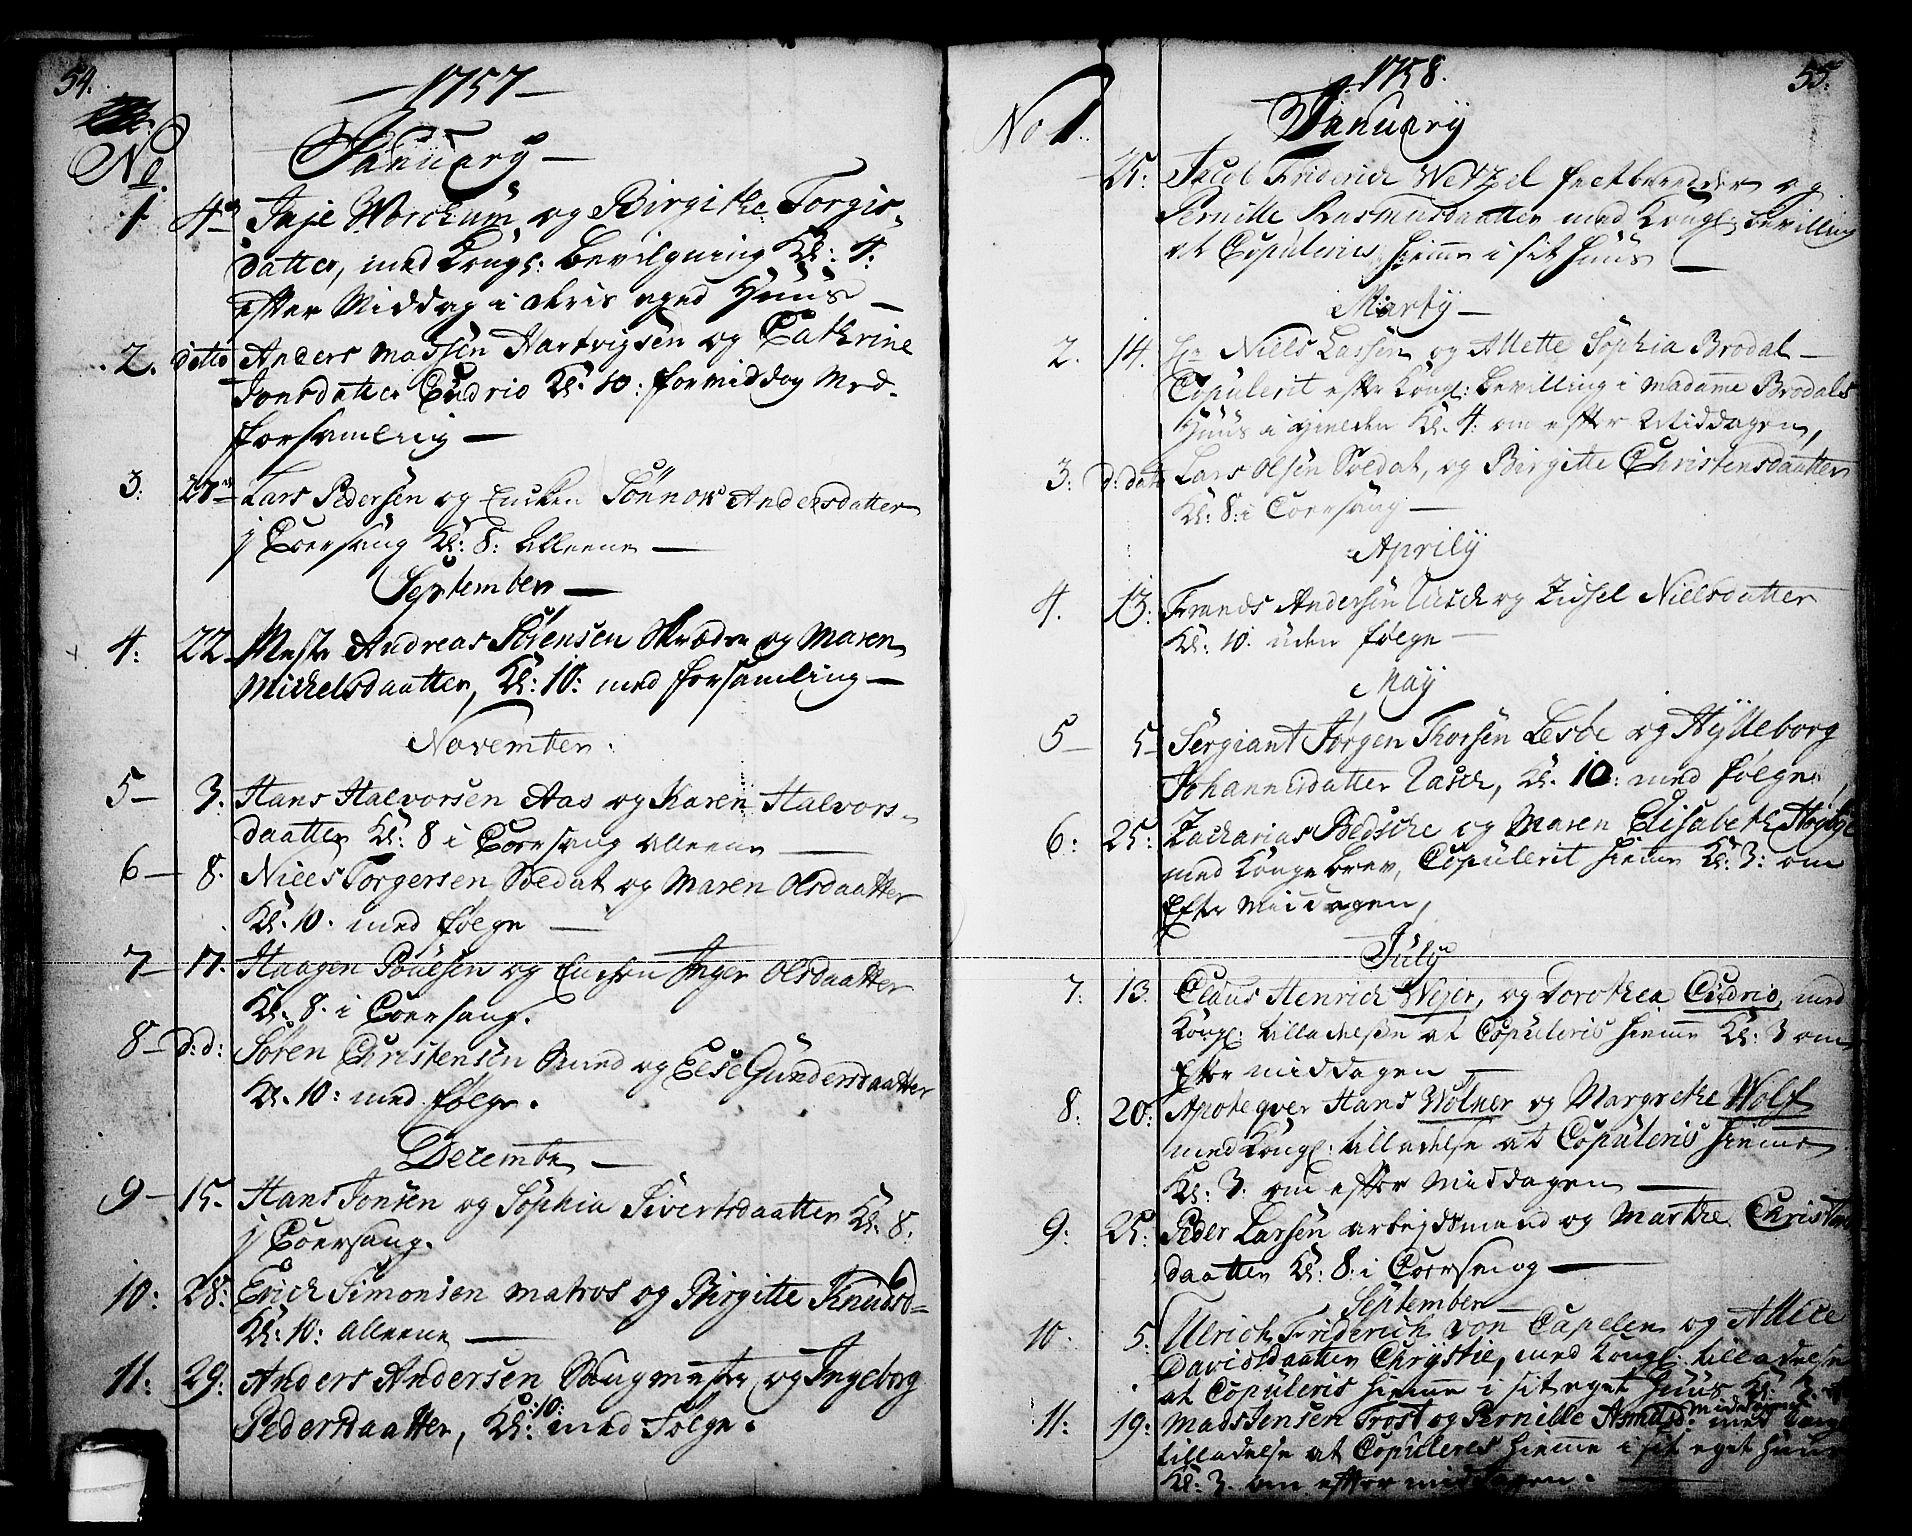 SAKO, Skien kirkebøker, F/Fa/L0003: Ministerialbok nr. 3, 1755-1791, s. 54-55